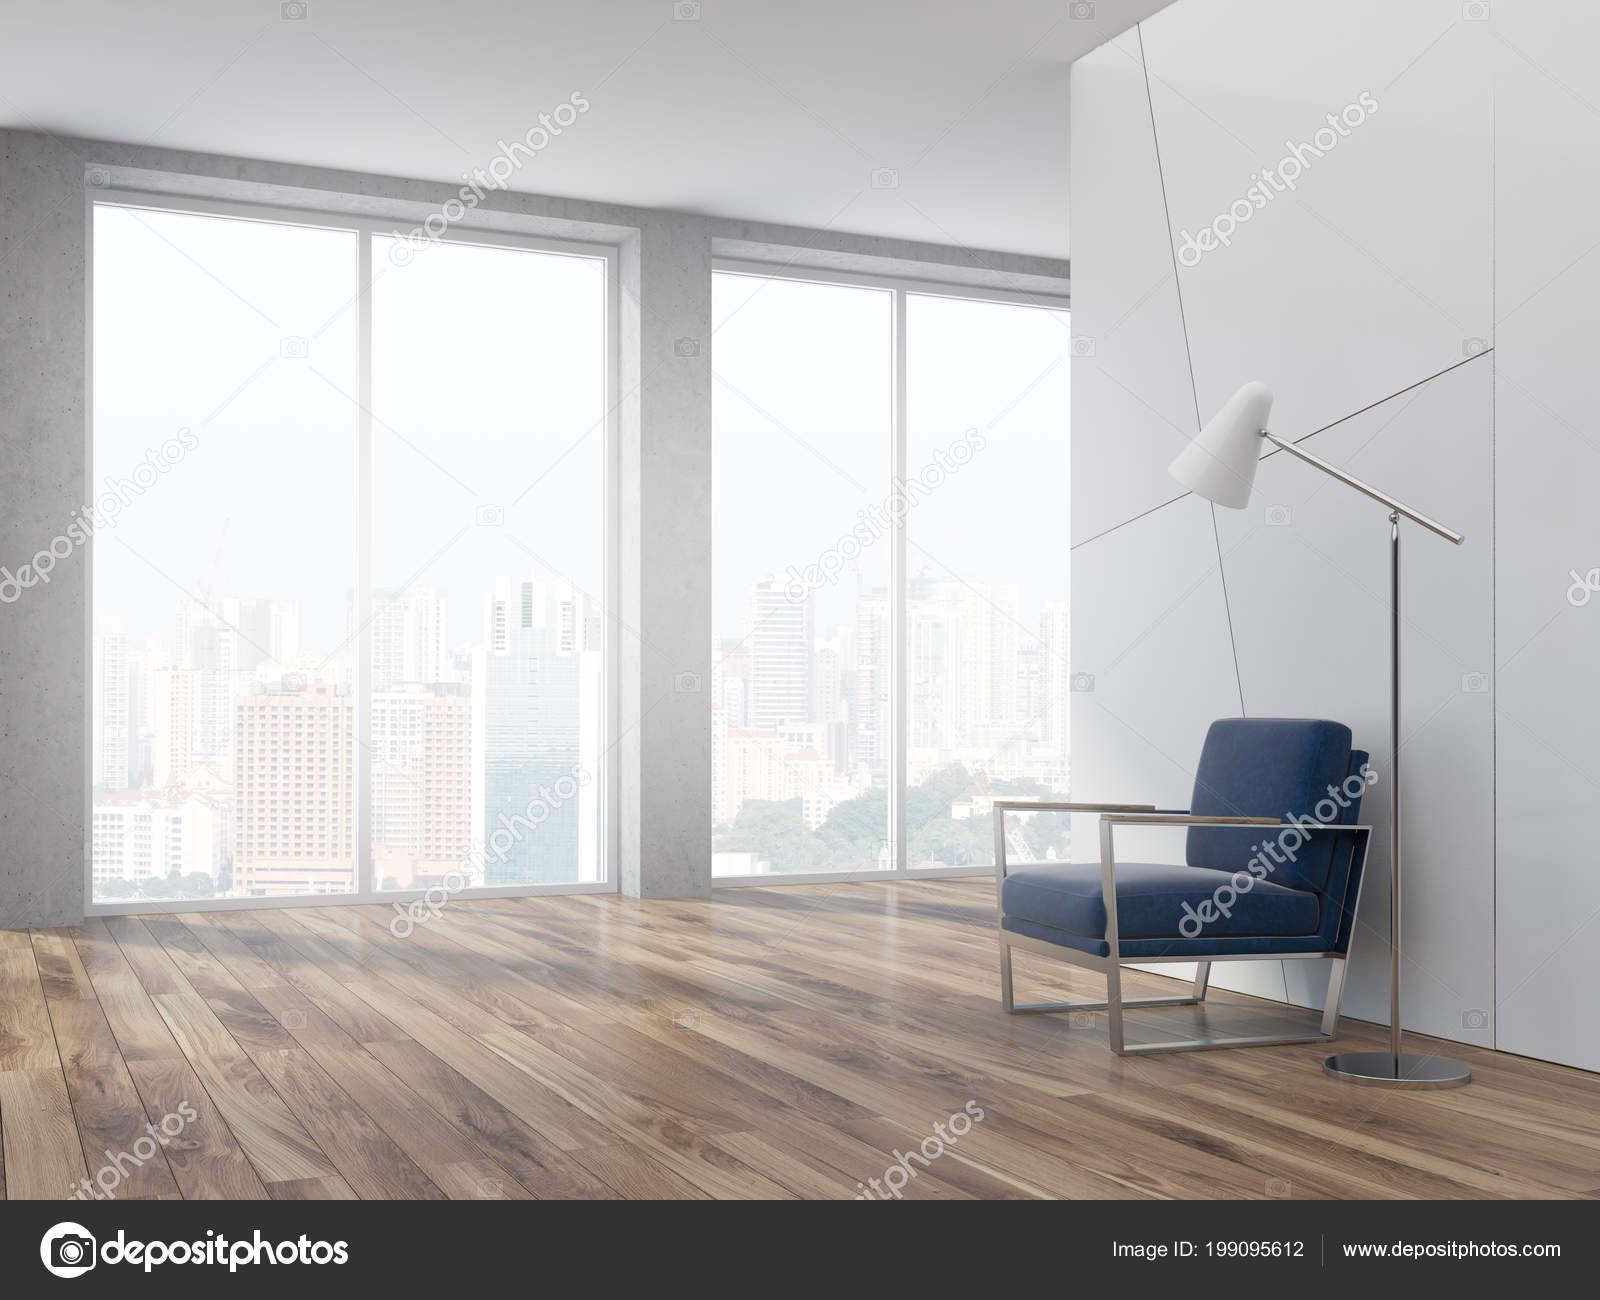 mur g om trique blanc mod le vide salon int rieur avec. Black Bedroom Furniture Sets. Home Design Ideas